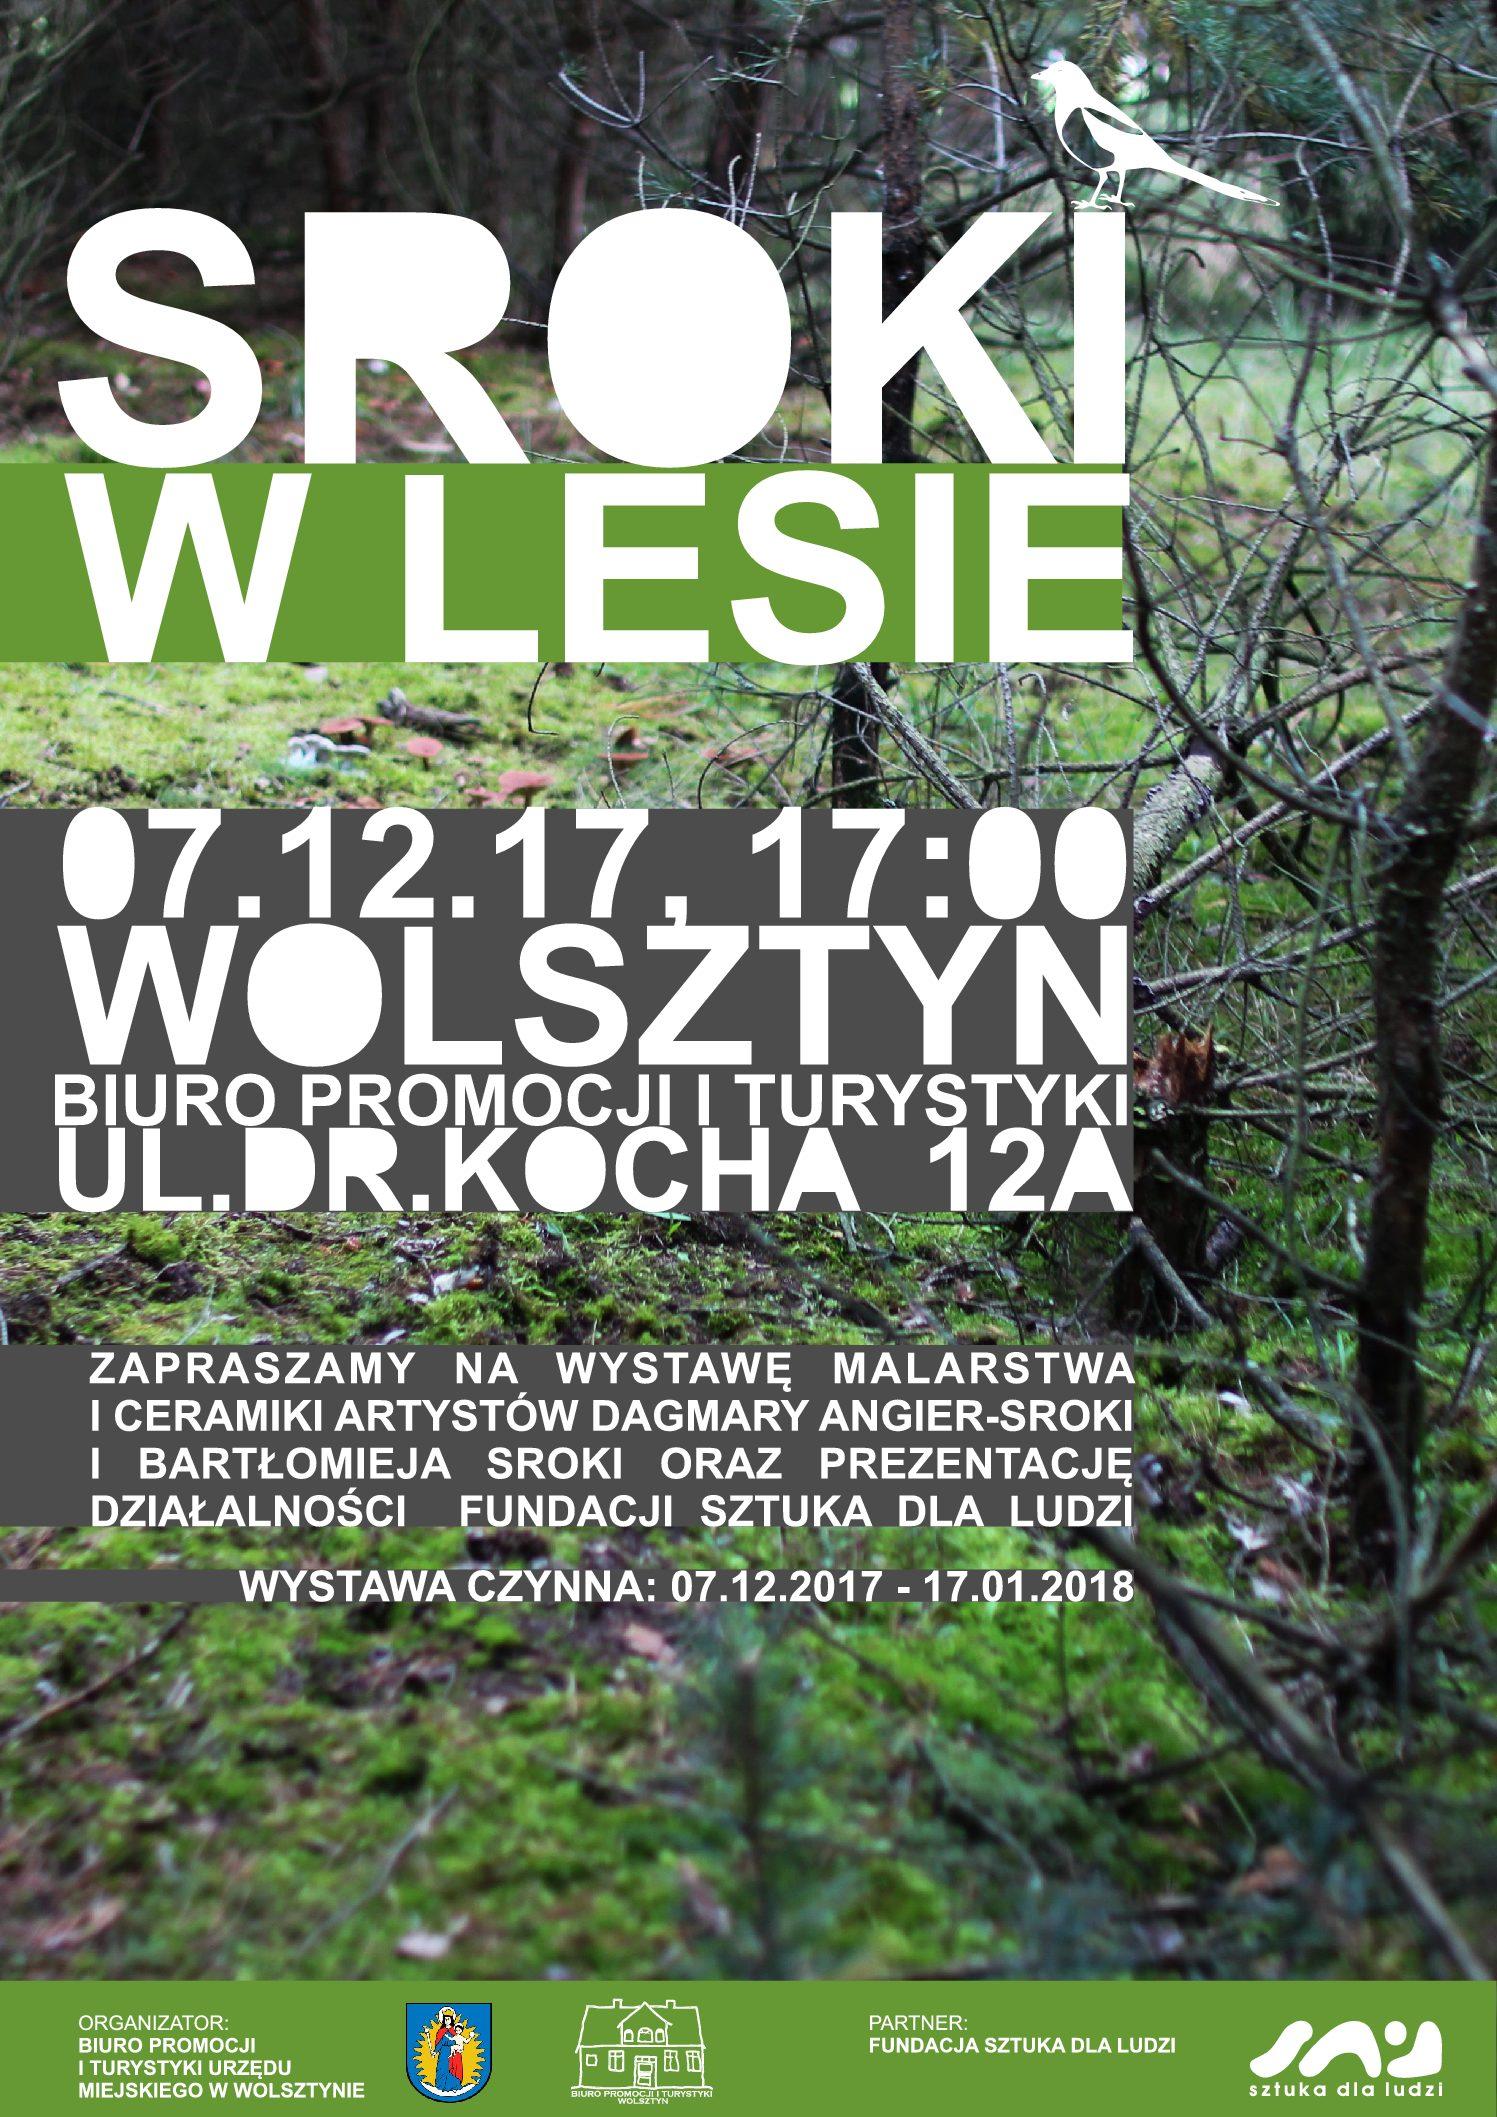 """Fundacja """"Sztuka dla Ludzi"""" zaprasza na wystawę """"Sroki w Lesie"""" w Wolsztynie."""